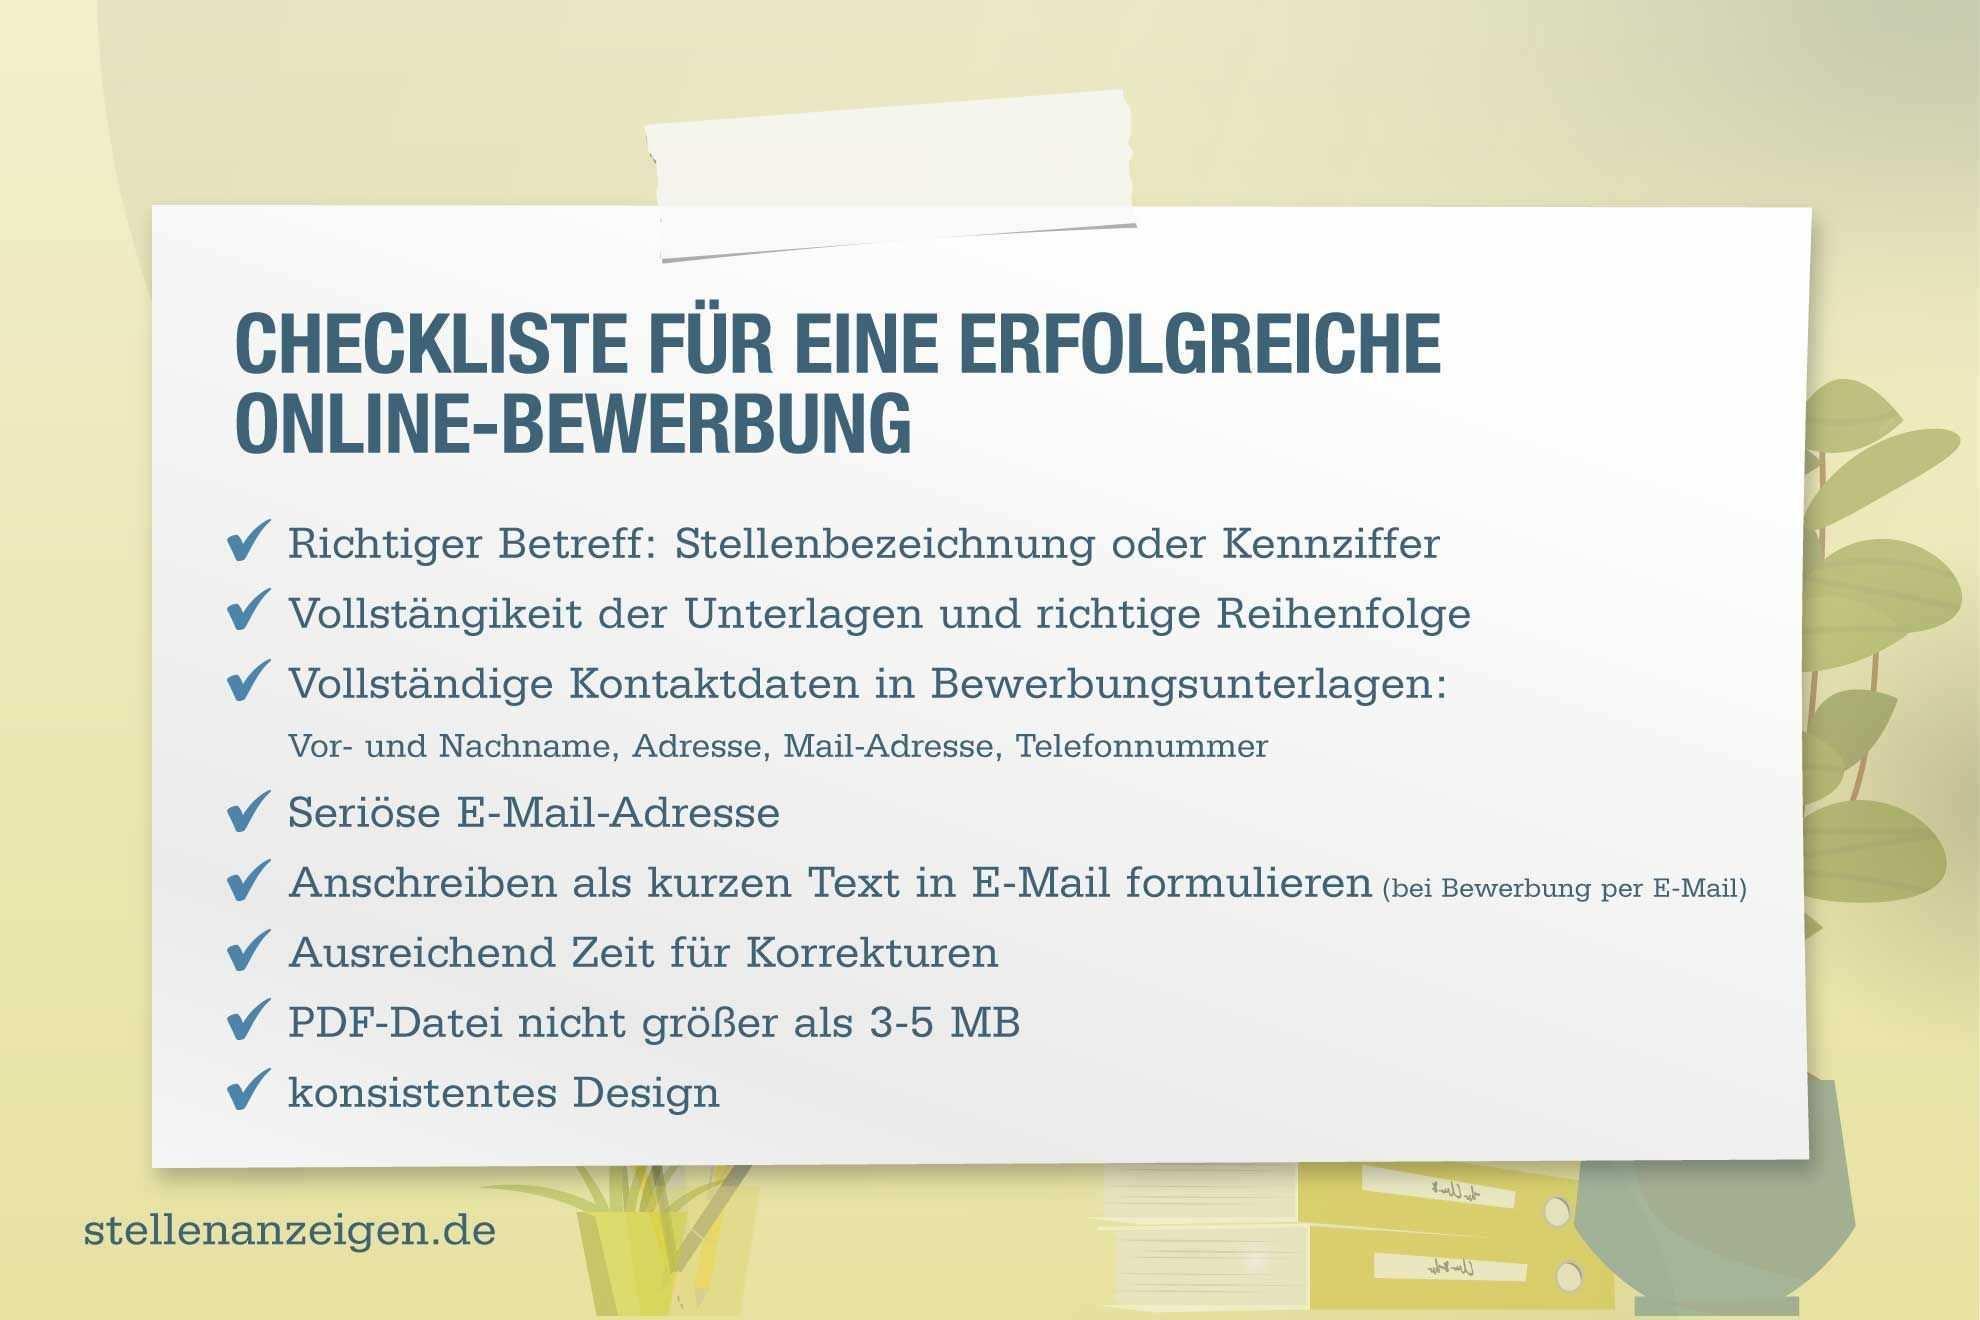 Schreiben Sie Eine Uberzeugende Online Bewerbung Tipps Fur Die Struktur Das Deckblatt Und Bewerbung In 2020 Online Bewerbung Deckblatt Bewerbung Bewerbung